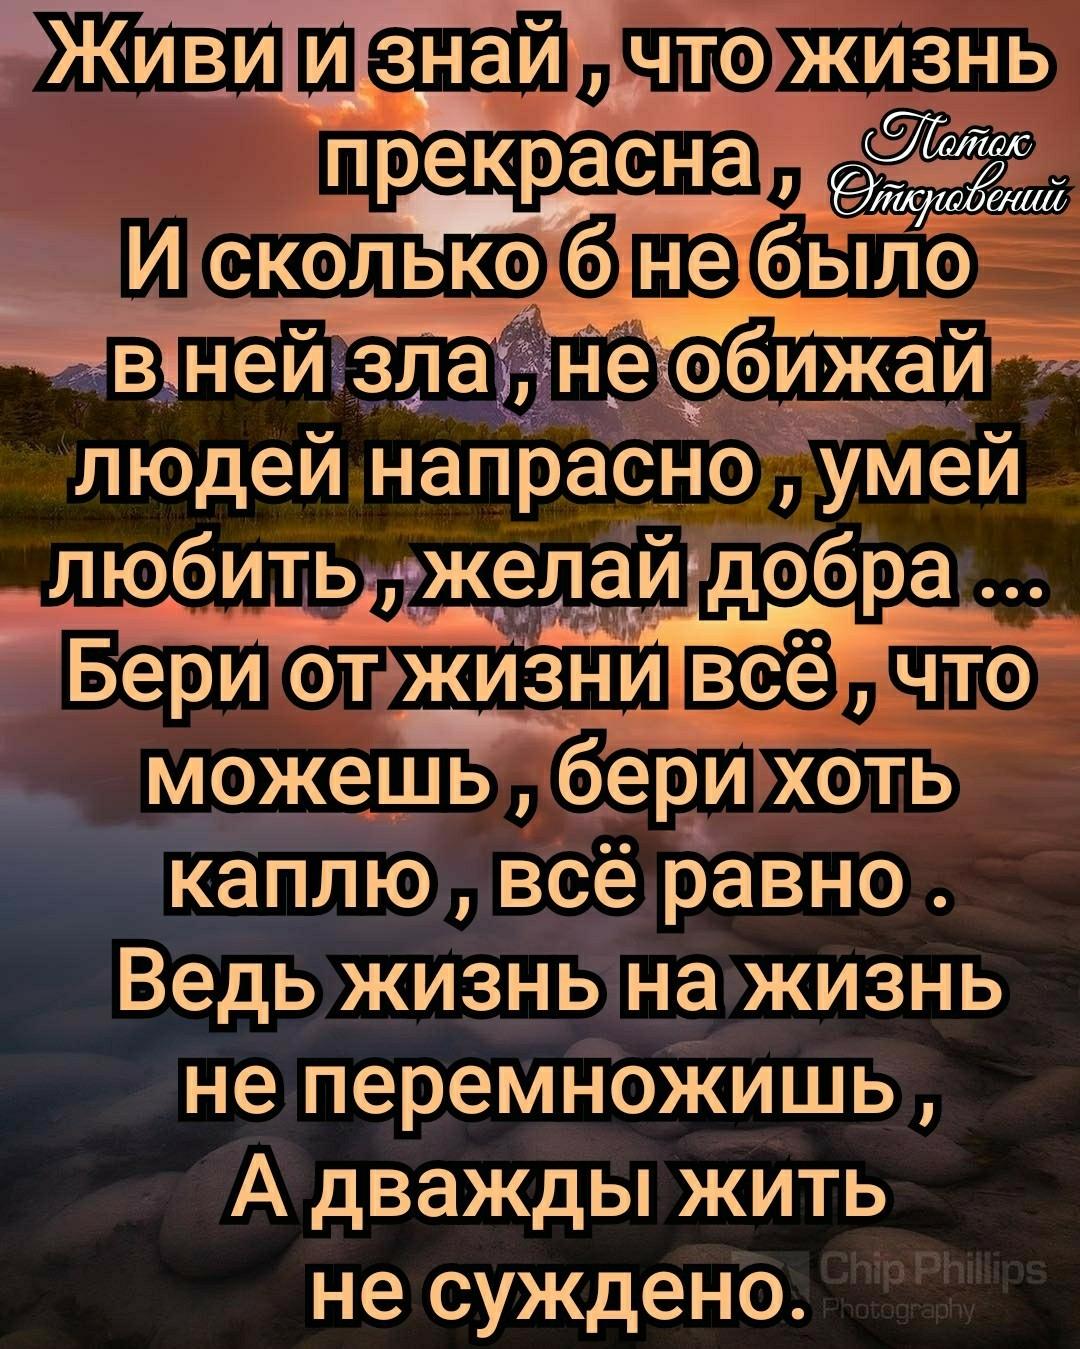 Судьбу свою не перепрыгнуть... Вокруг её не обойти... Всё, что начертано Всевышним, придётся до конца пройти!..